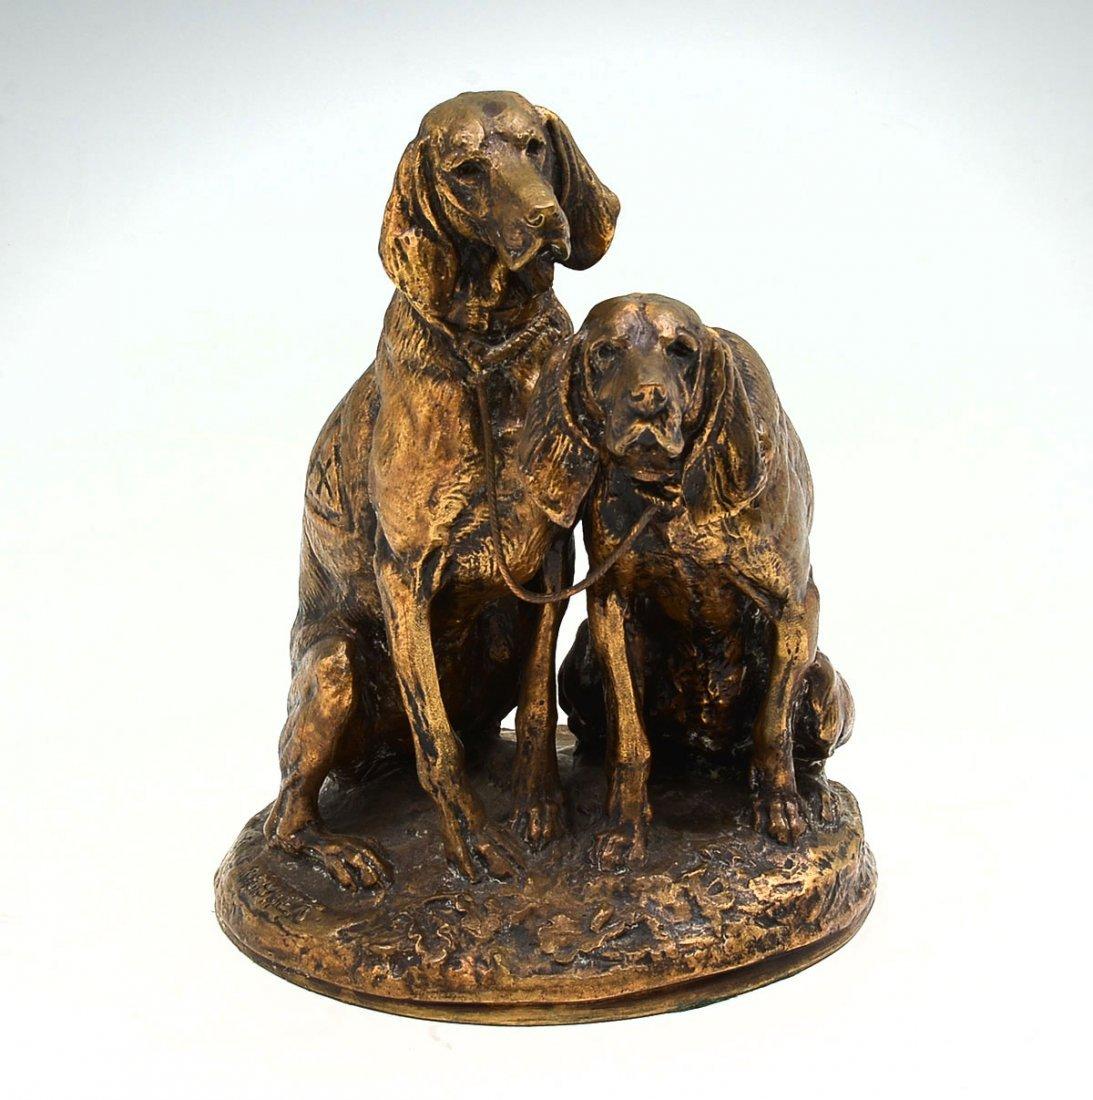 EMMANUEL FREMIET BRONZE TWO DOGS